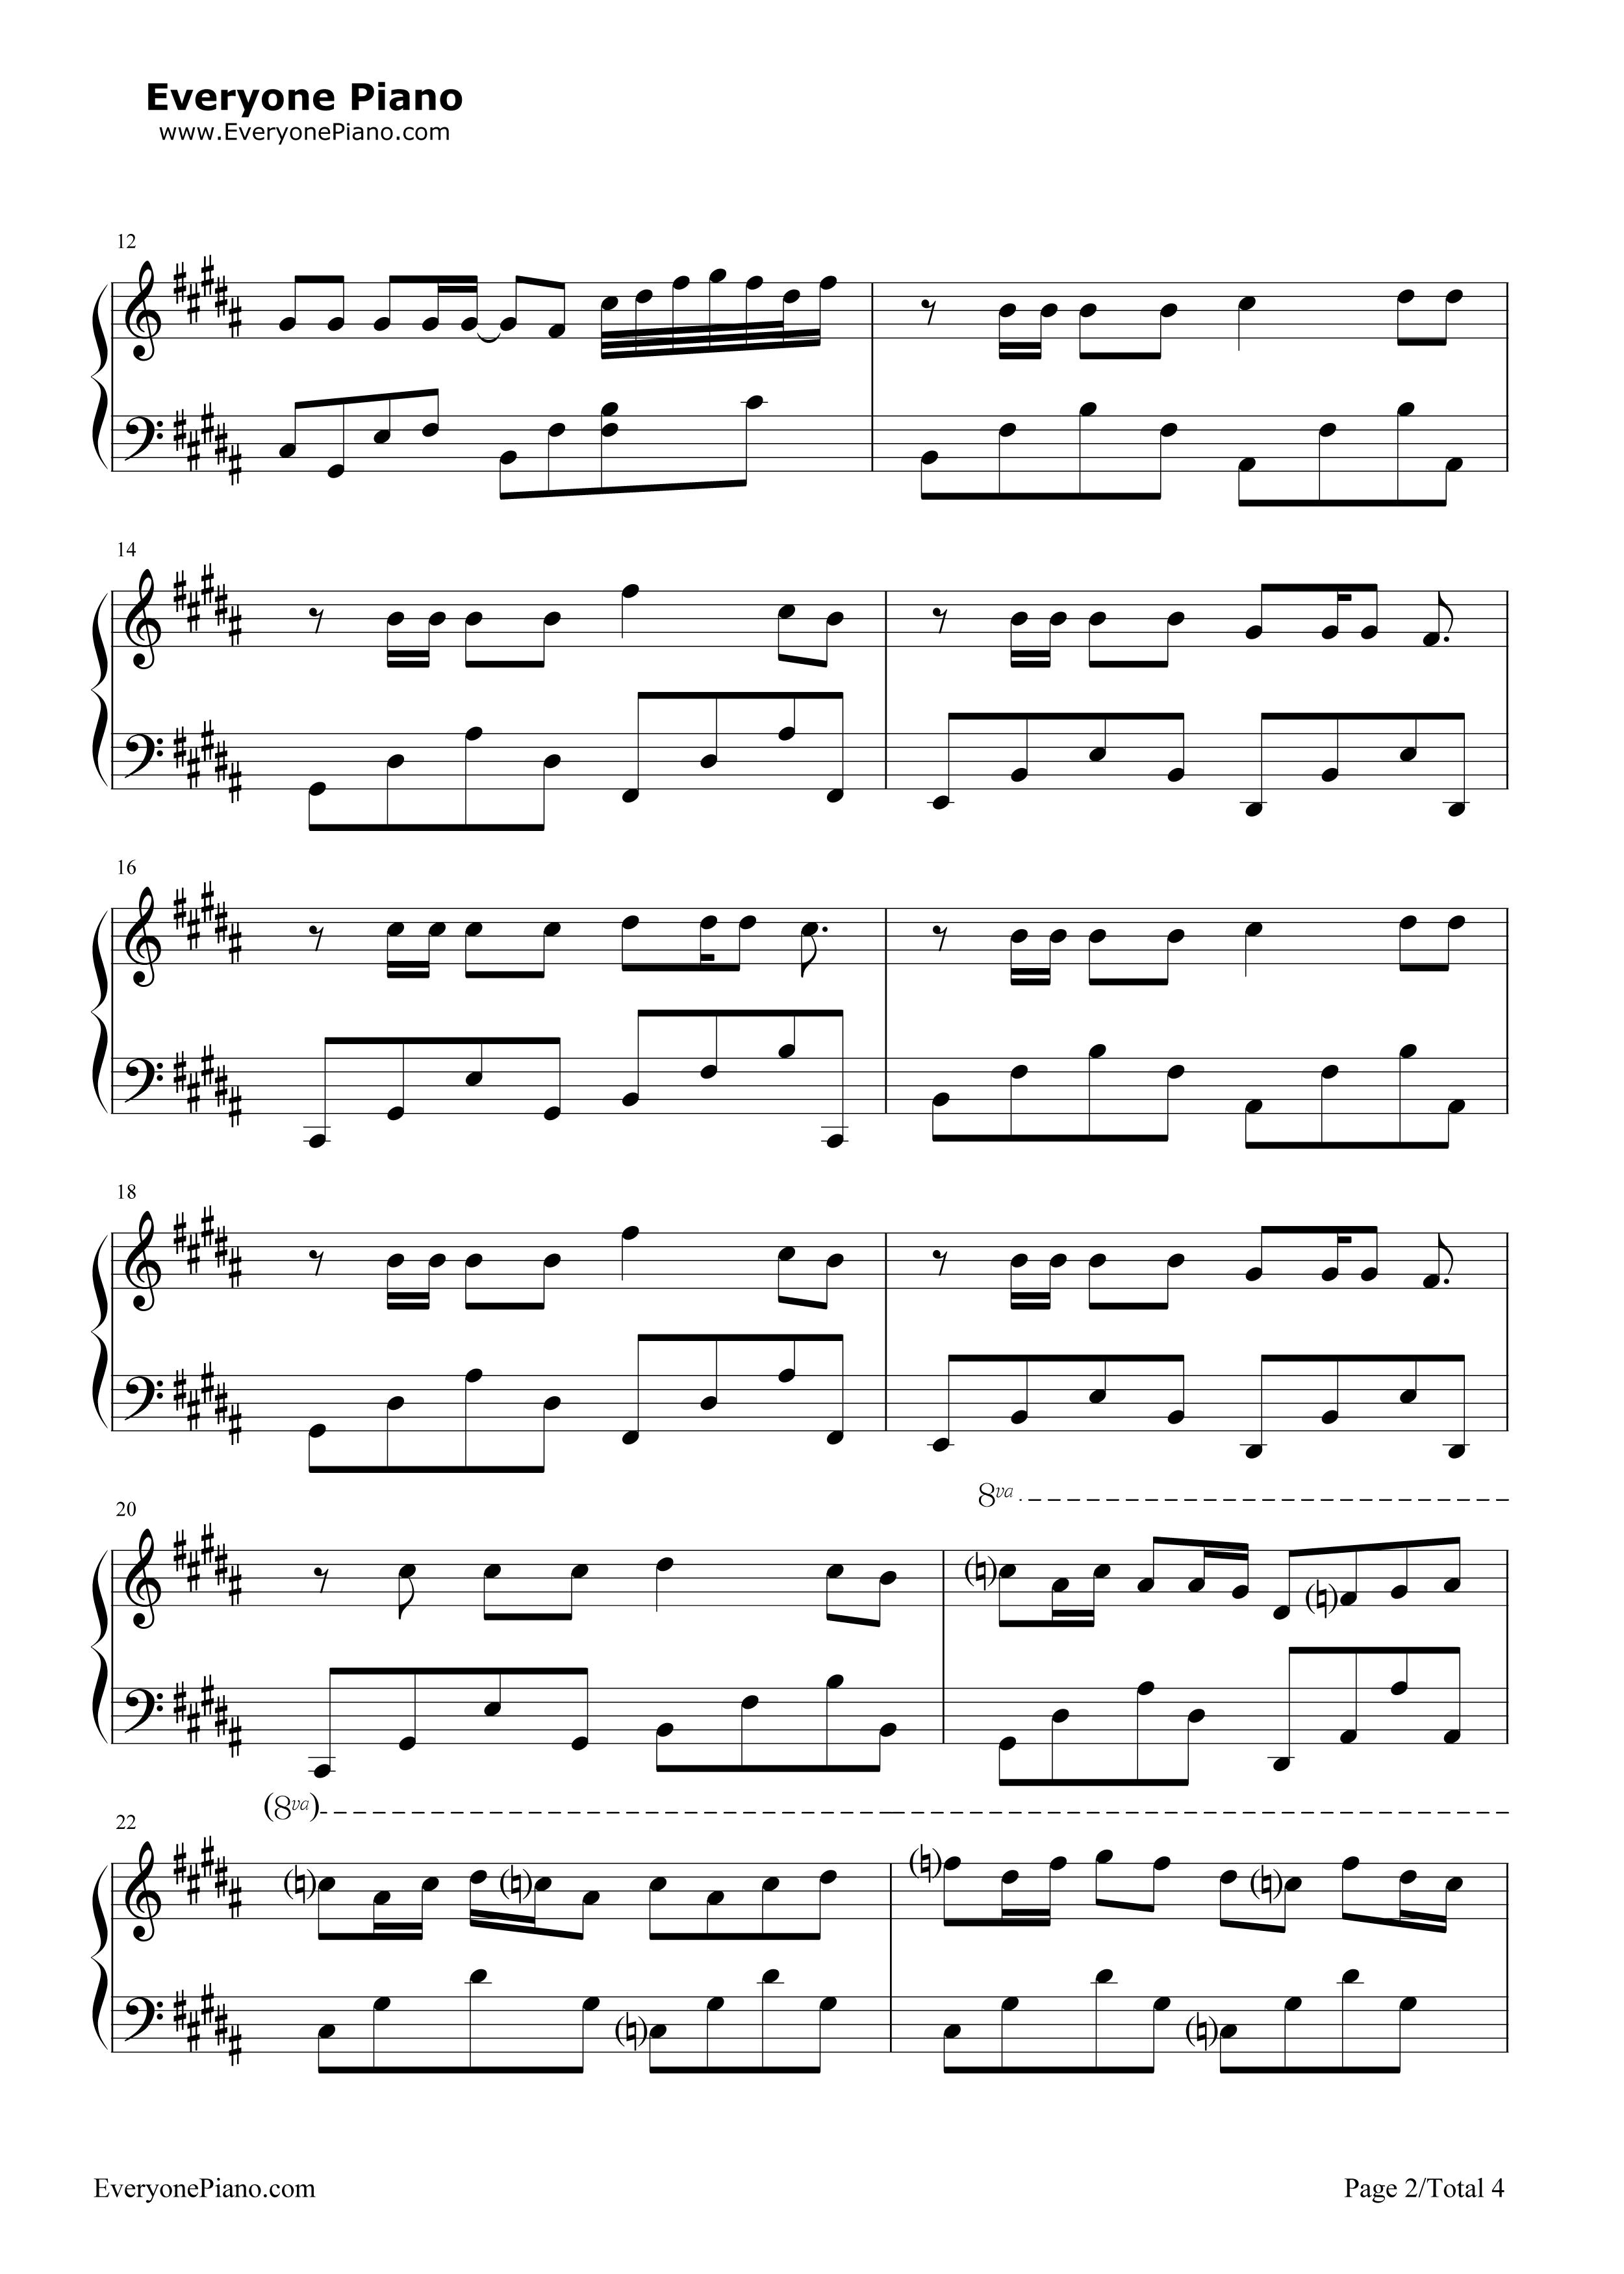 凤求凰-古琴曲五线谱预览2-钢琴谱(五线谱,双手简谱)图片